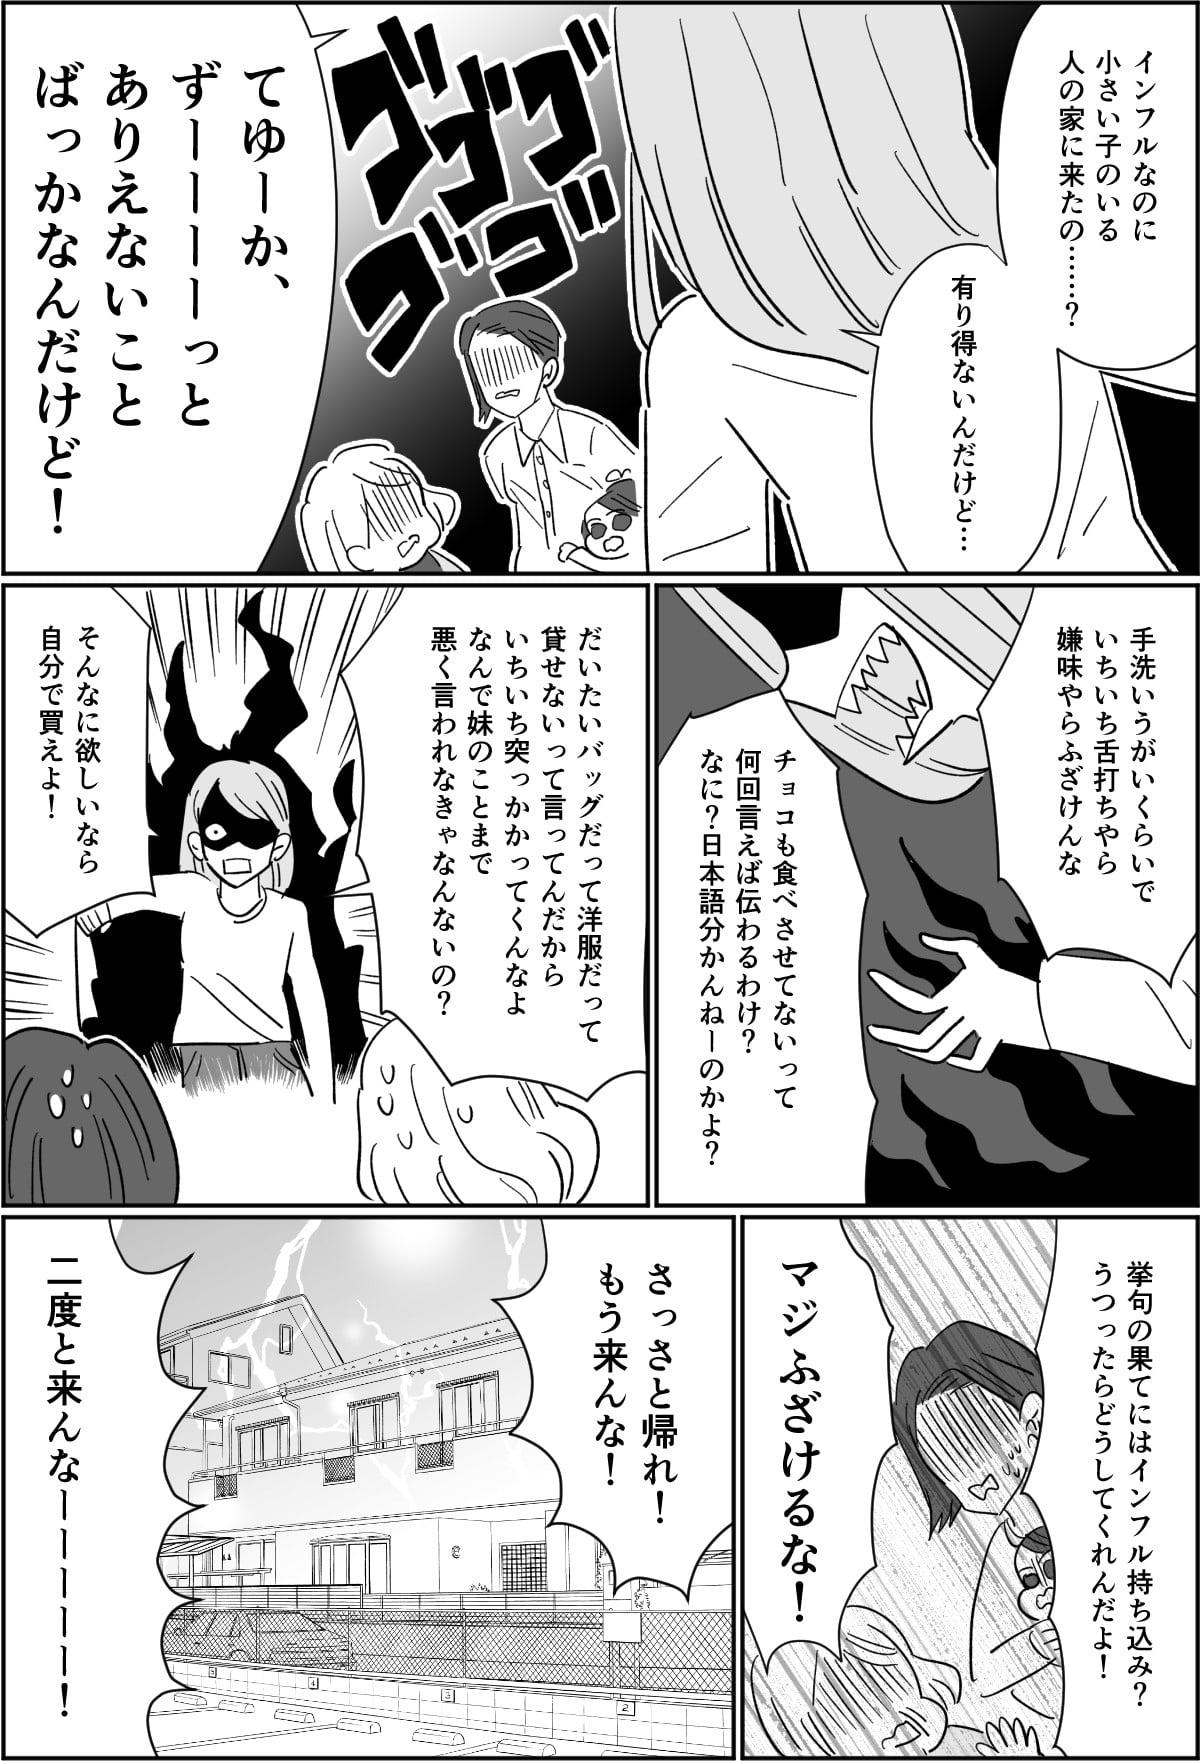 【後編】「マジふざけるな!」